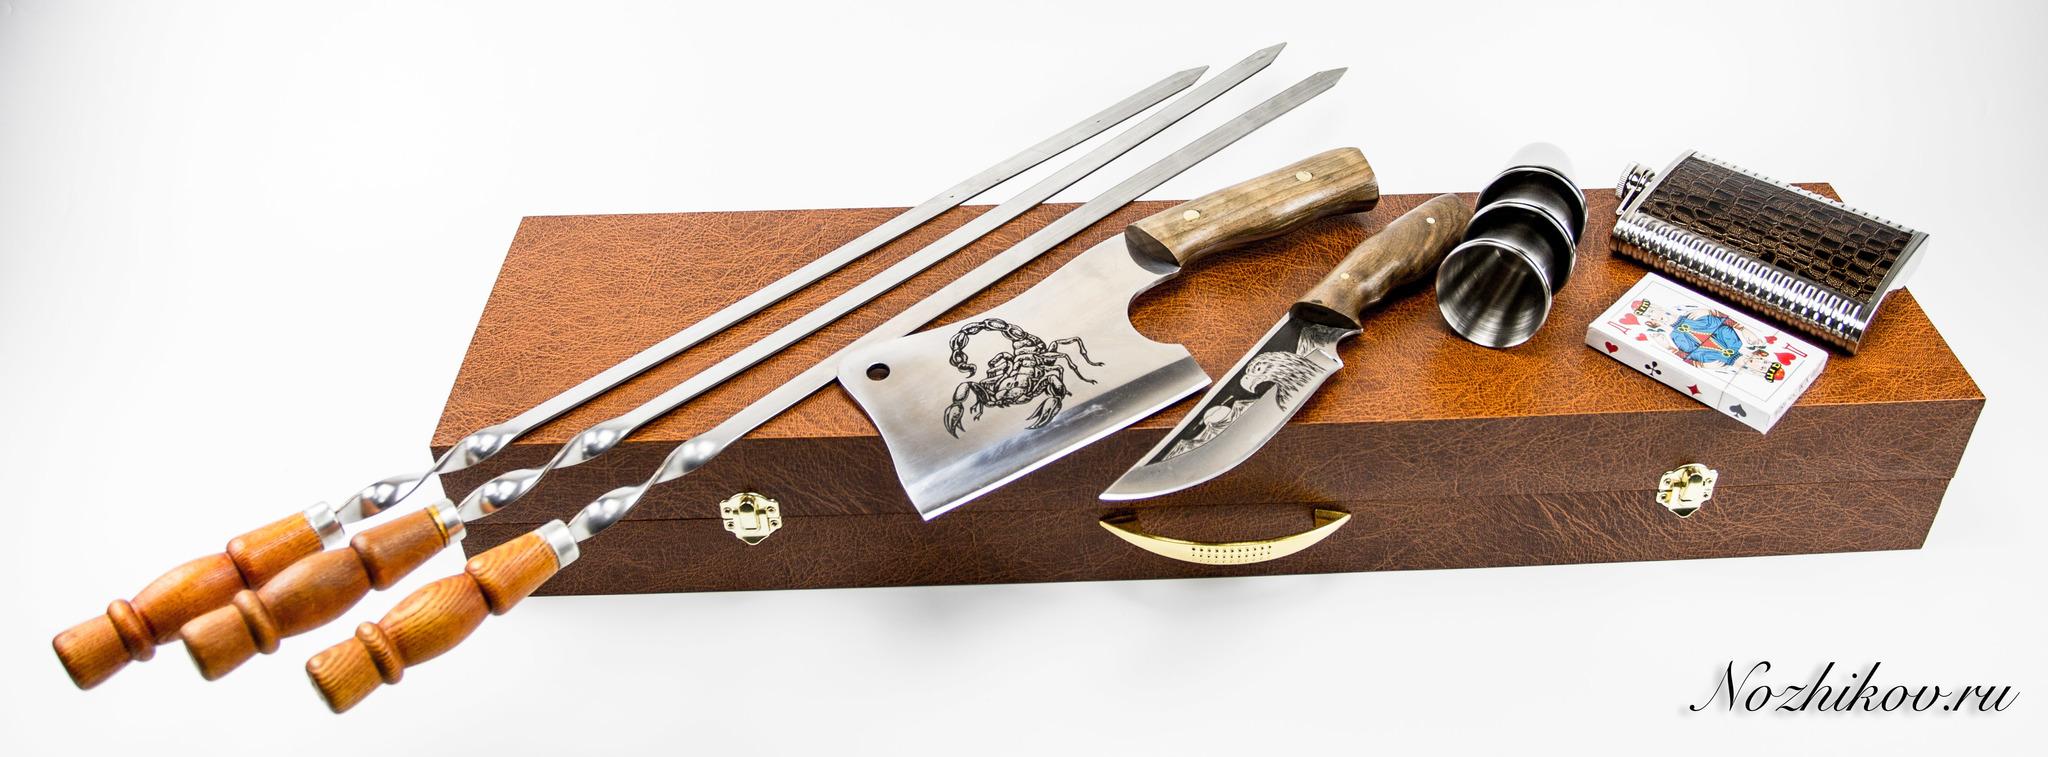 Фото 8 - Шашлычный набор Боярский №2, Кизляр от Кизляр СТО